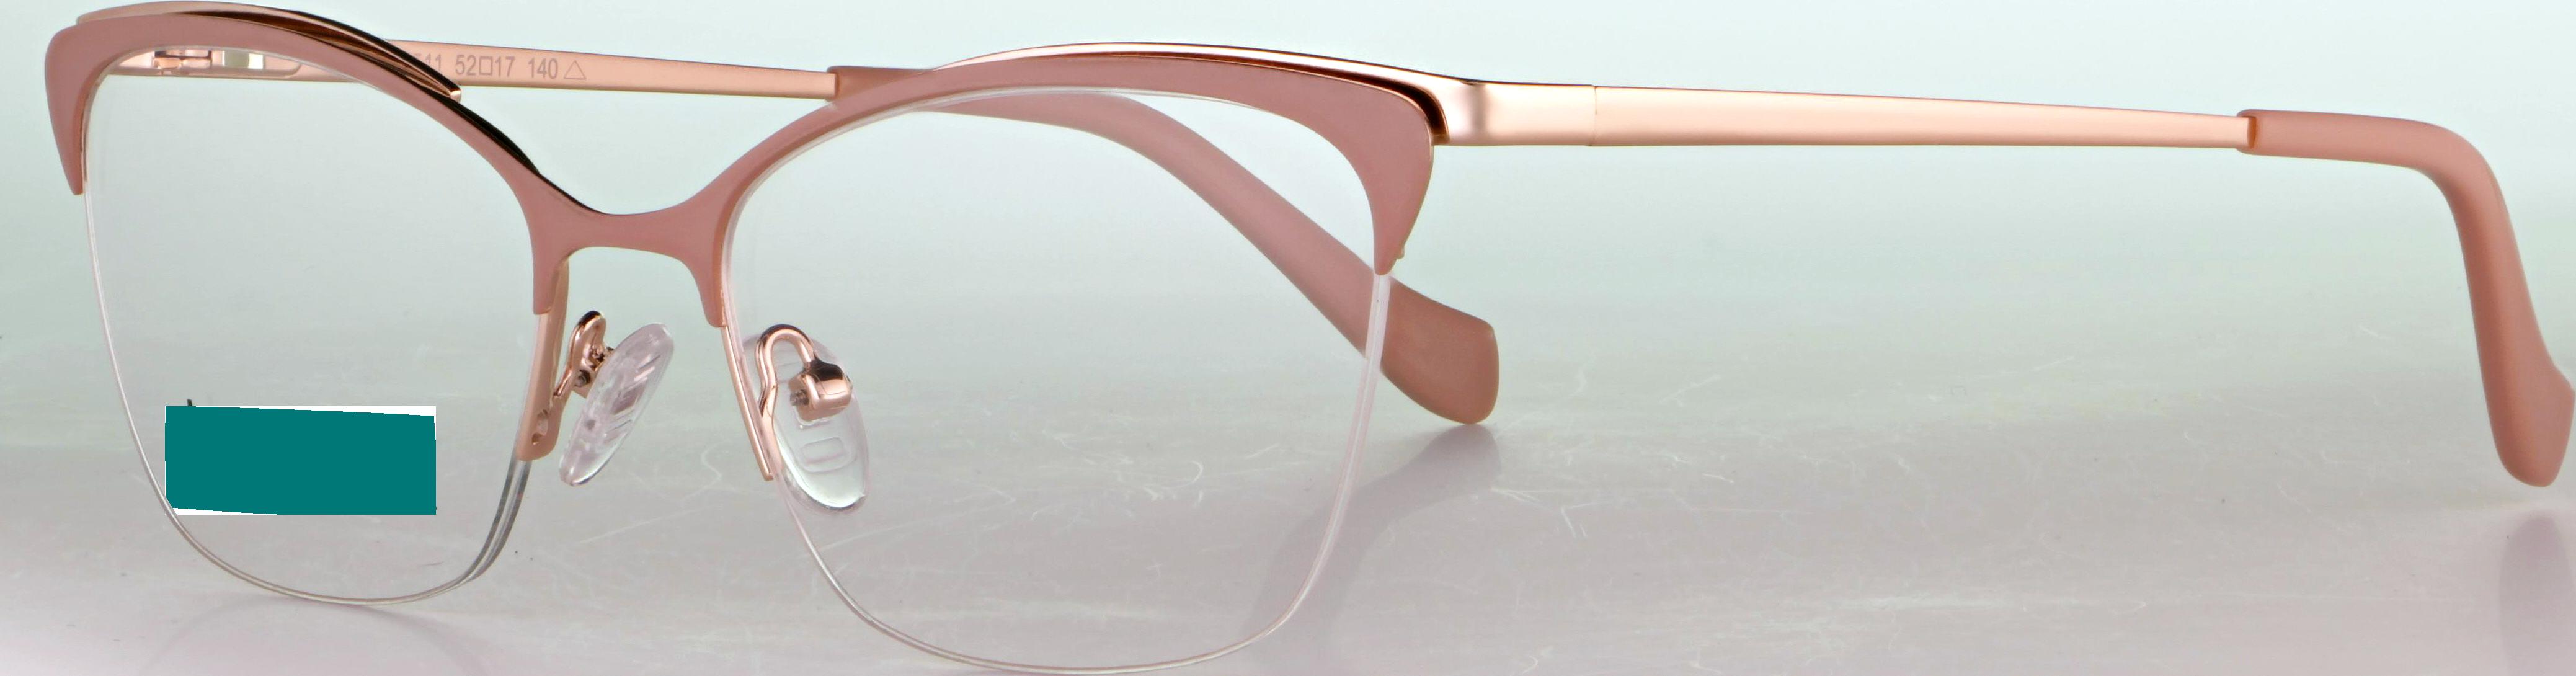 abele optik Brille 142511